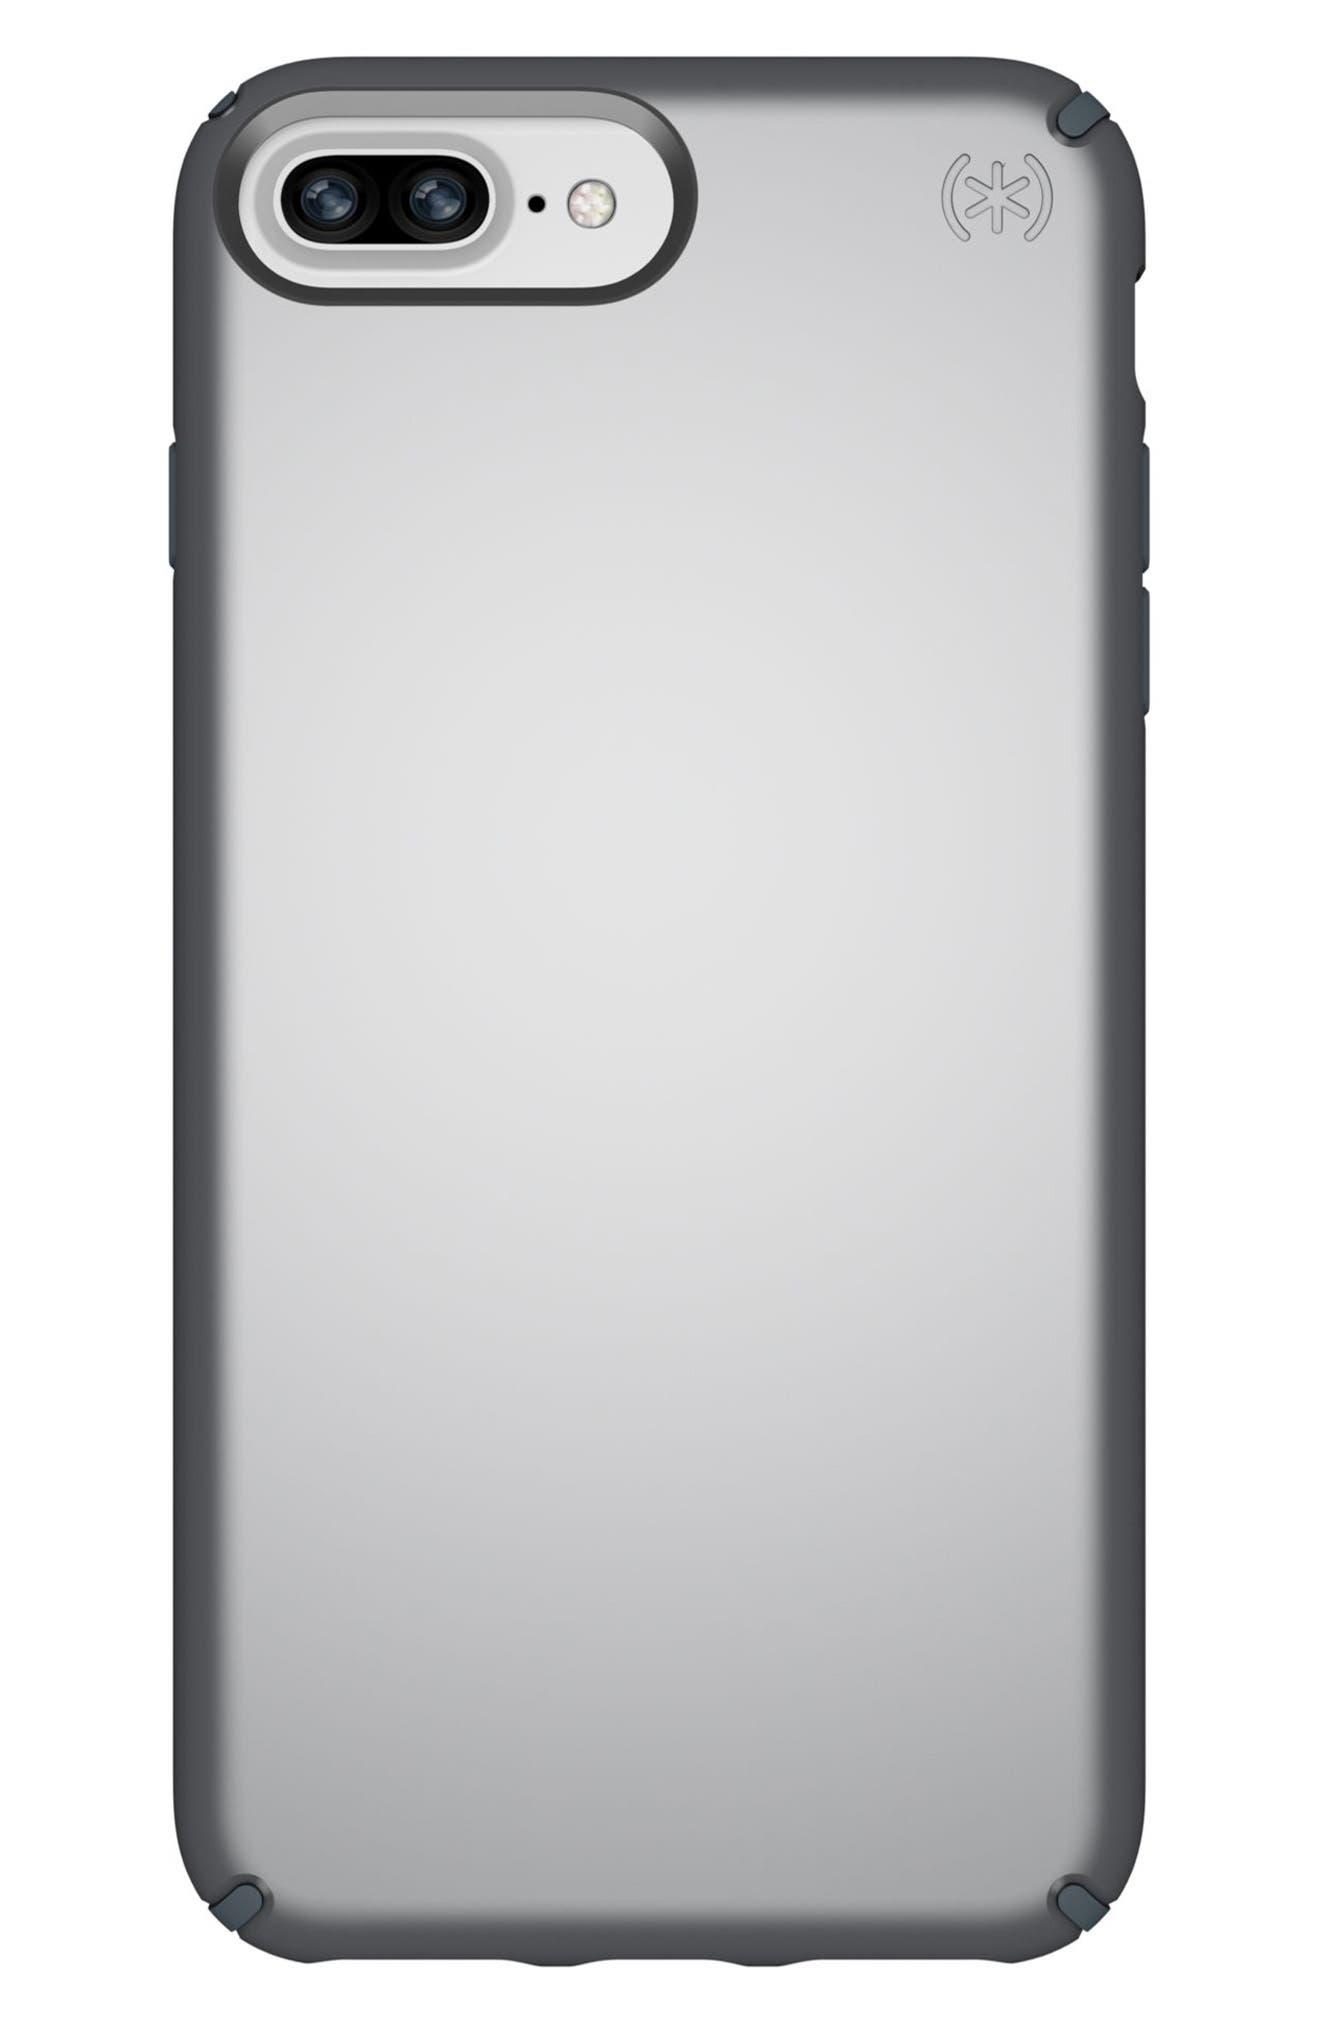 iPhone 6/6s/7/8 Case,                         Main,                         color, Tungsten Grey Metallic/ Grey